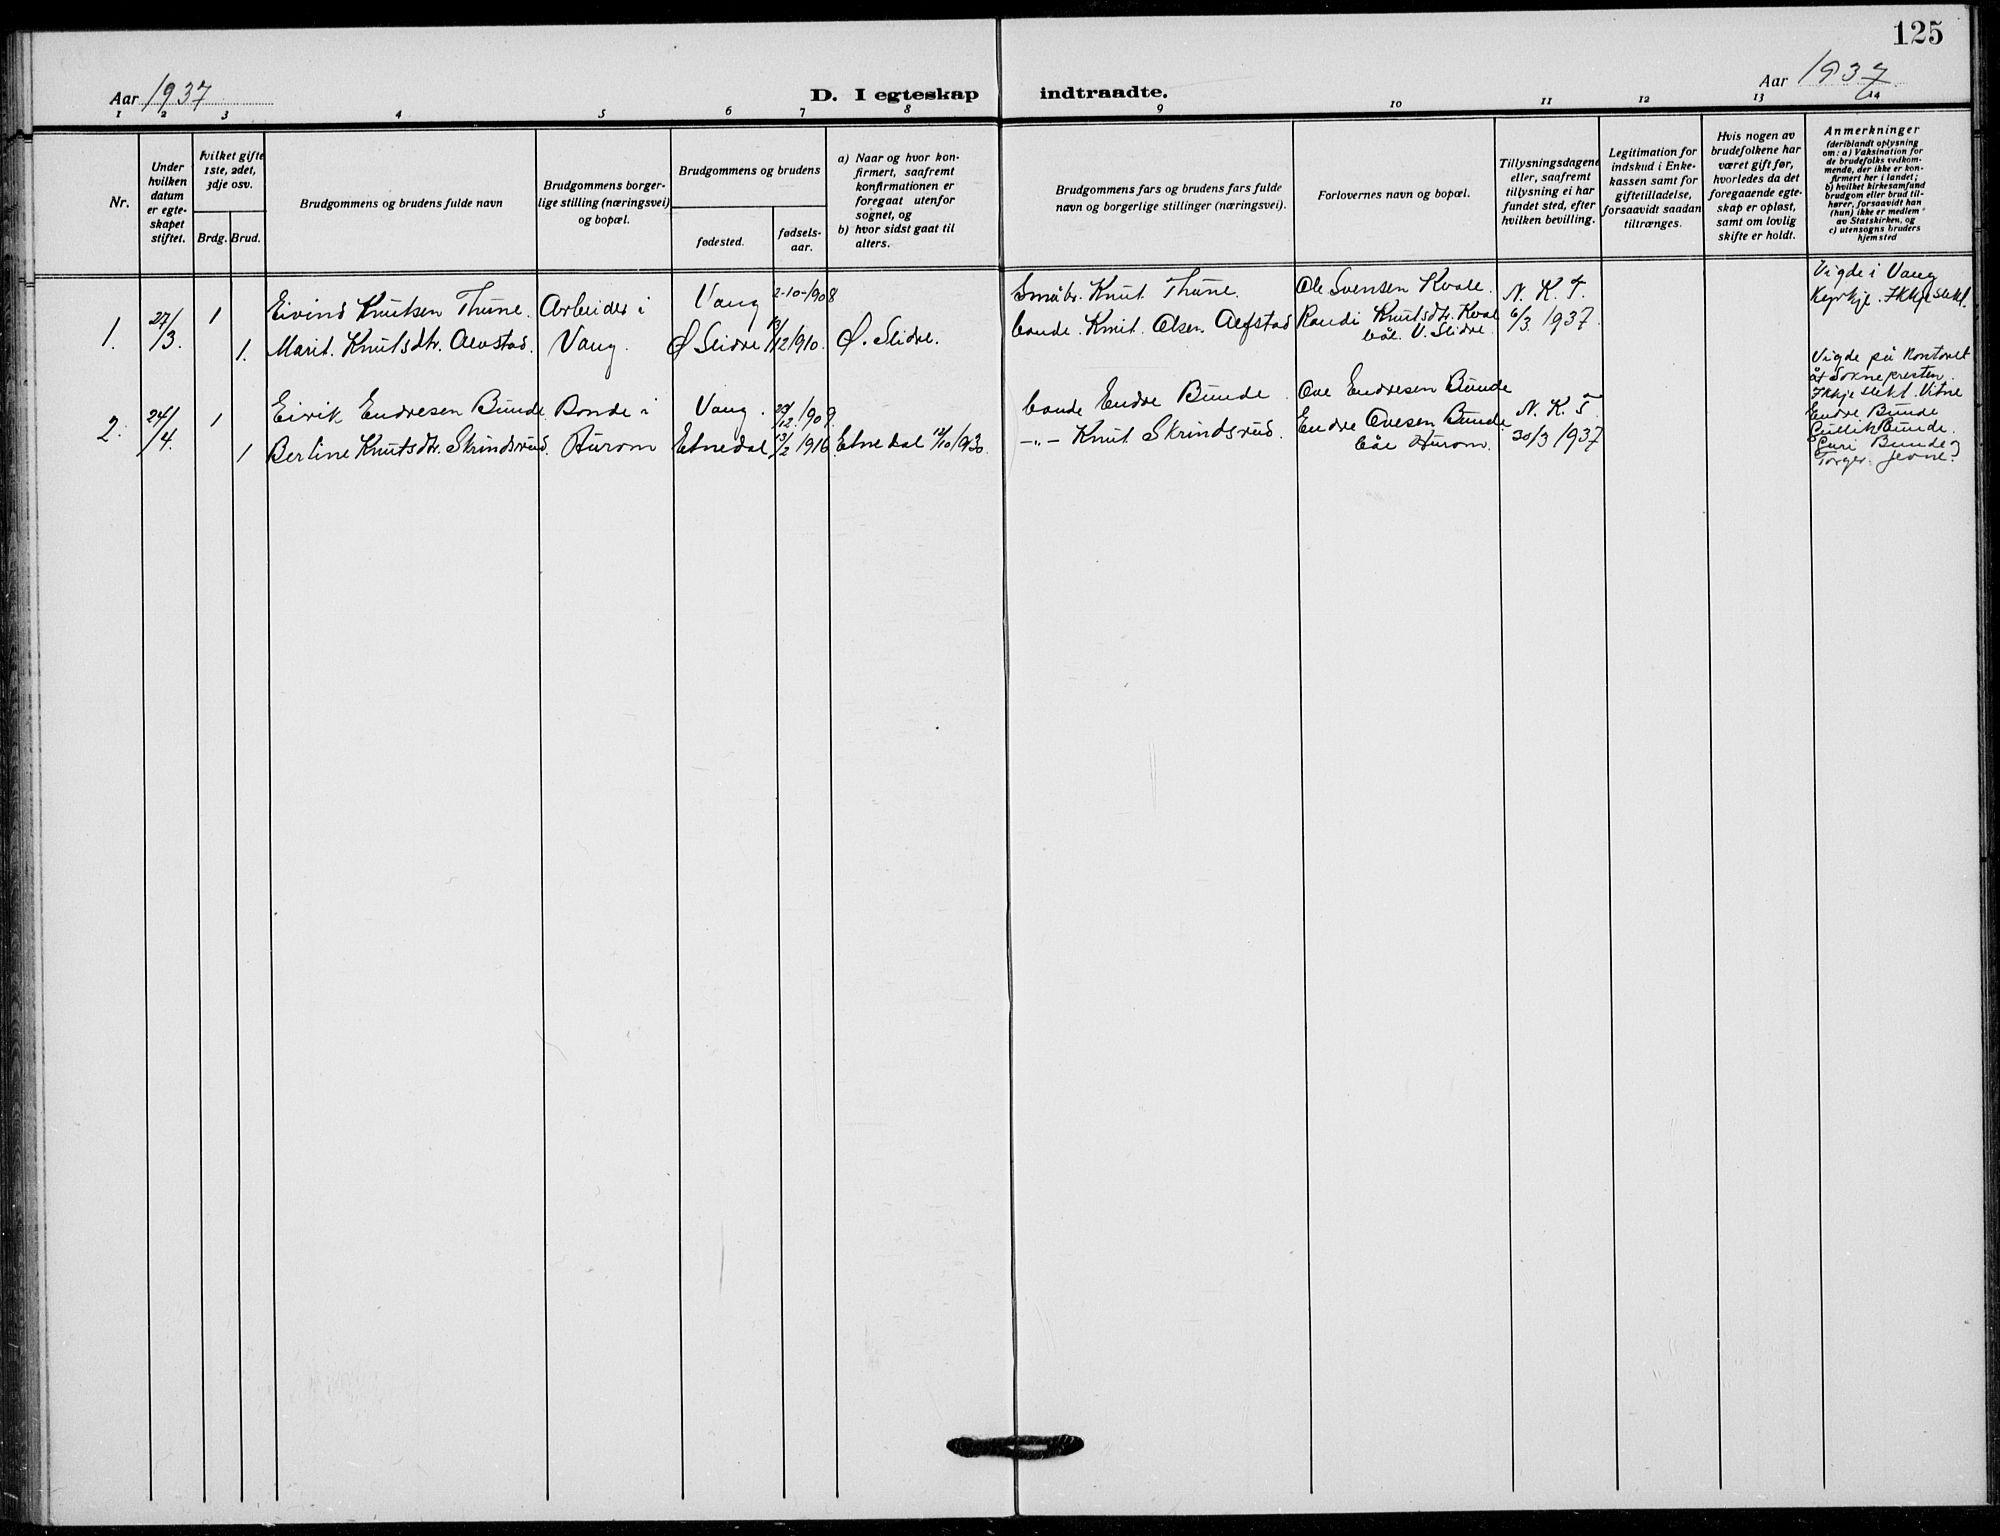 SAH, Vang prestekontor, Valdres, Klokkerbok nr. 12, 1919-1937, s. 125